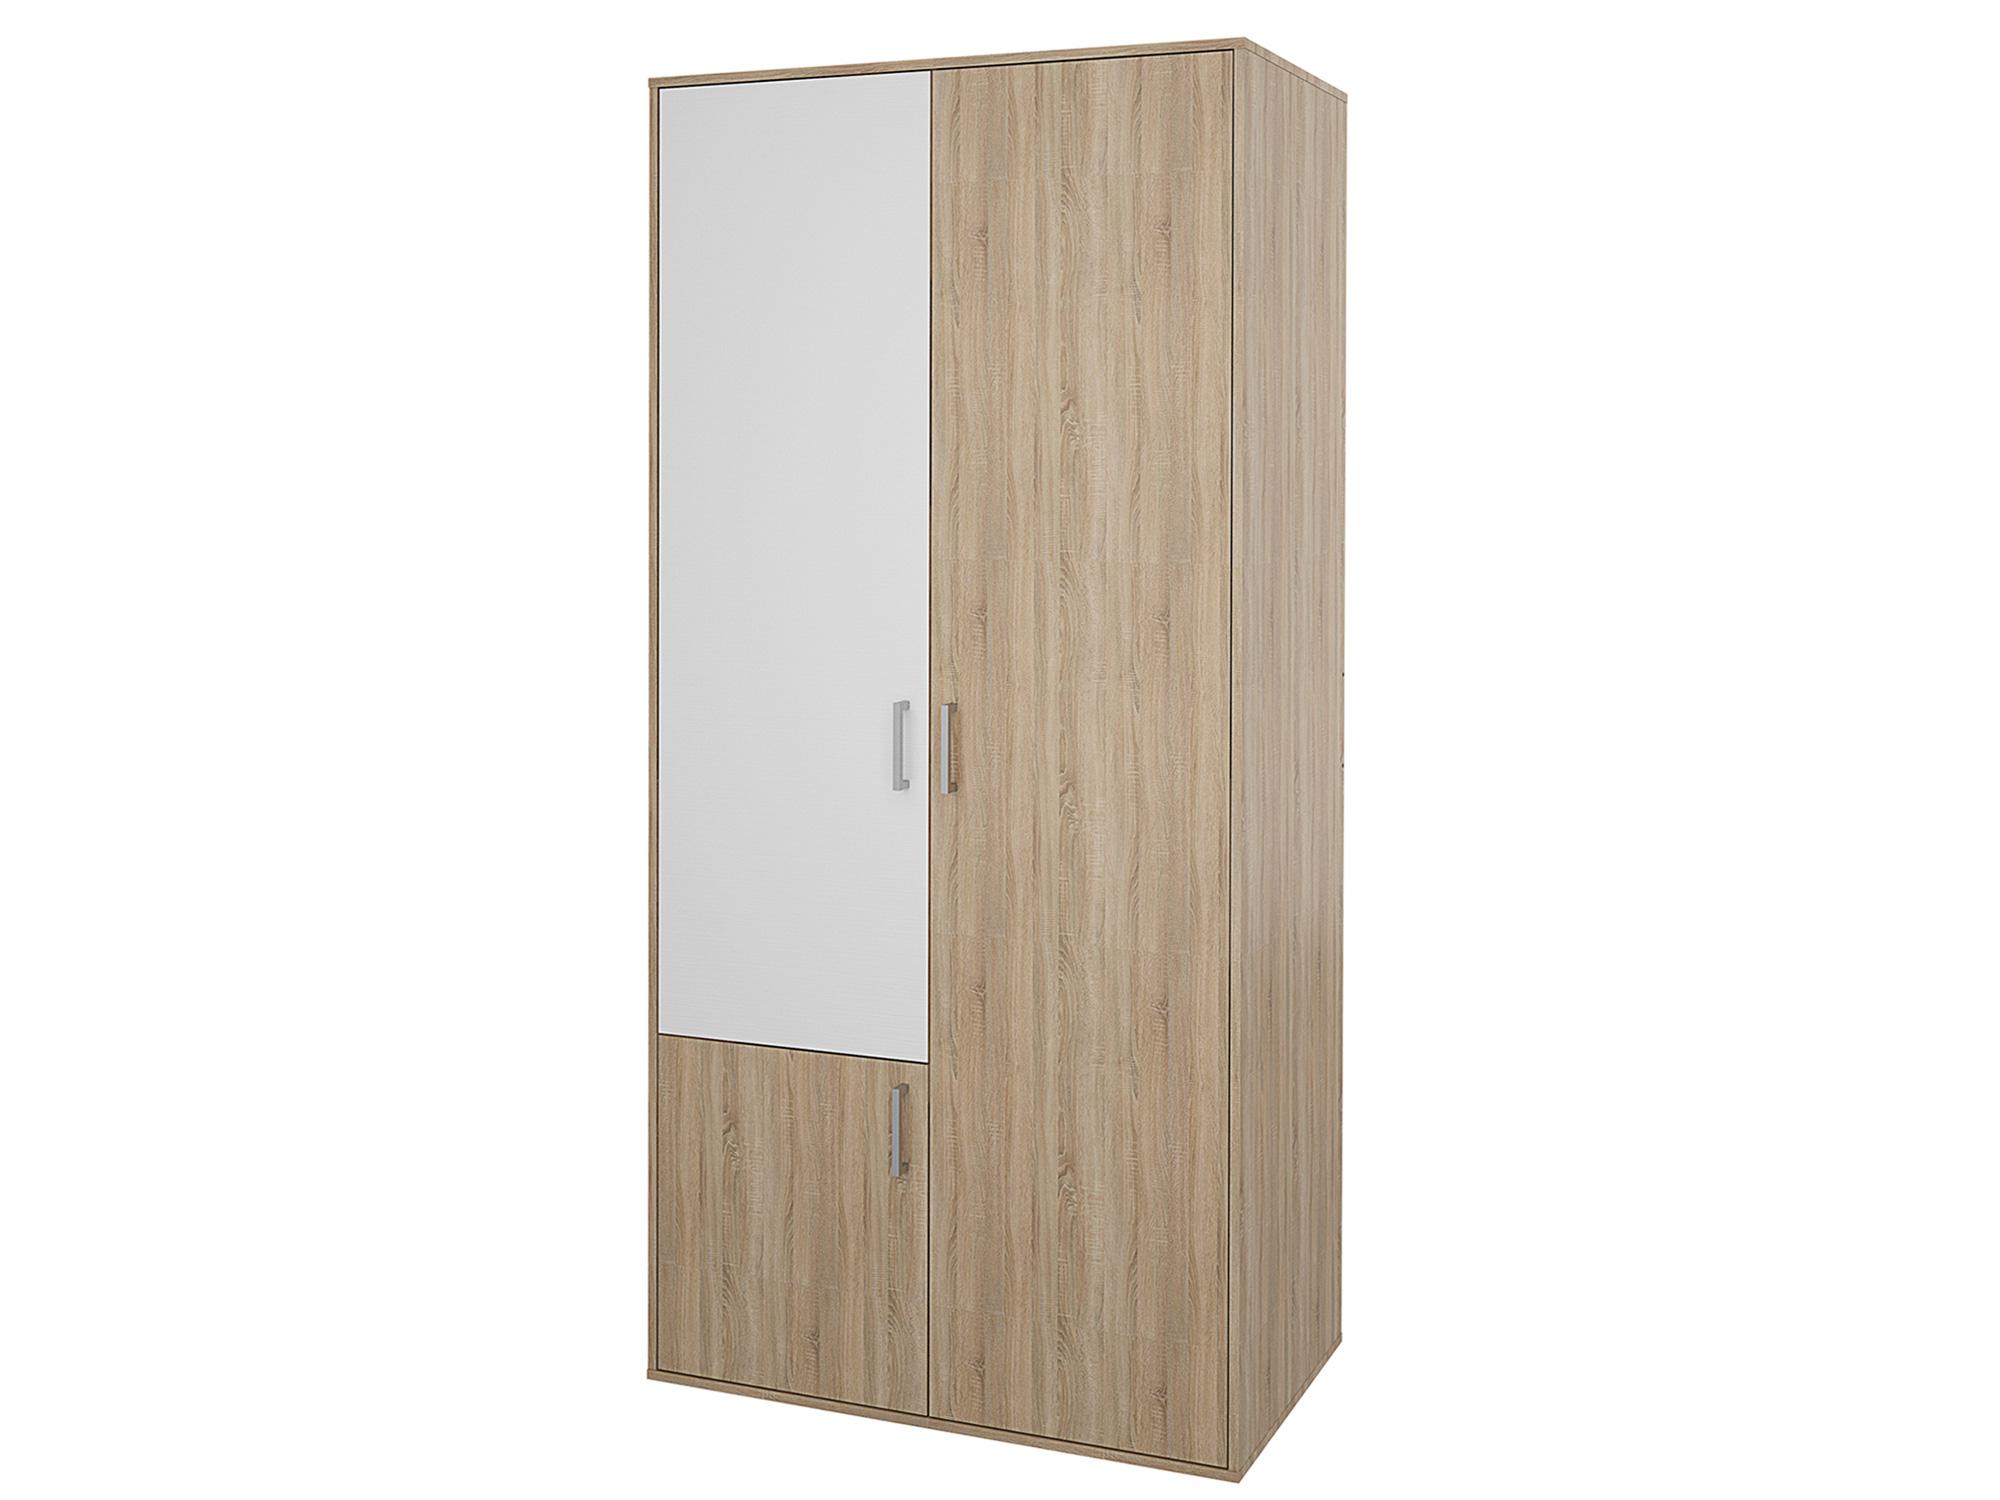 Шкаф 3-х дверный Мика Дуб сонома, Белый, Бежевый, ЛДСП, КДСП Бежевый, Белый, Дуб сонома